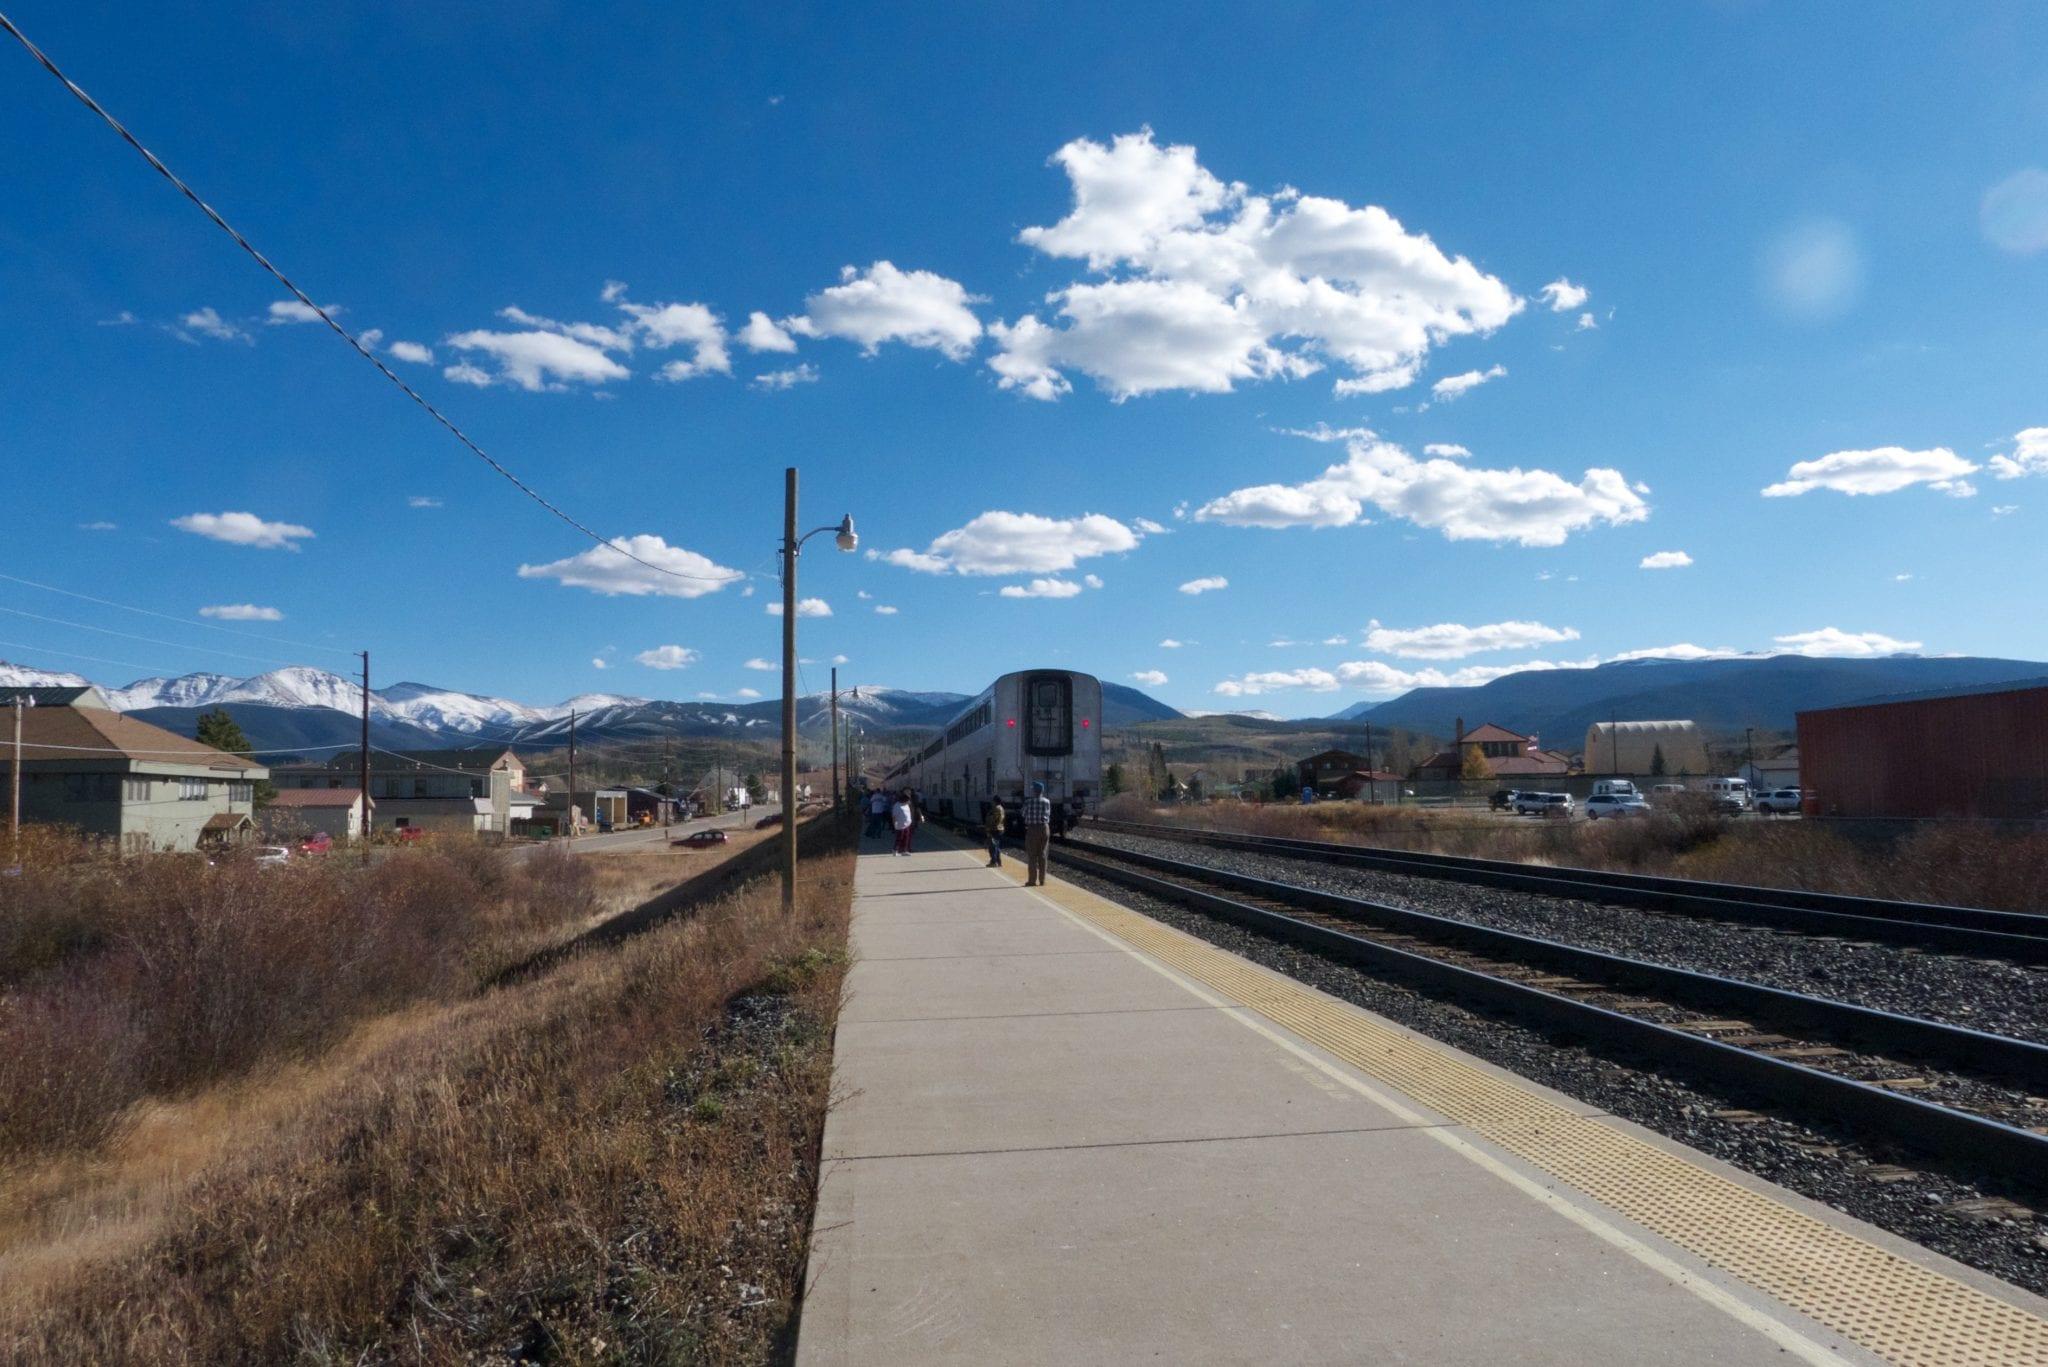 Granby CO Amtrak Train Railroad Tracks